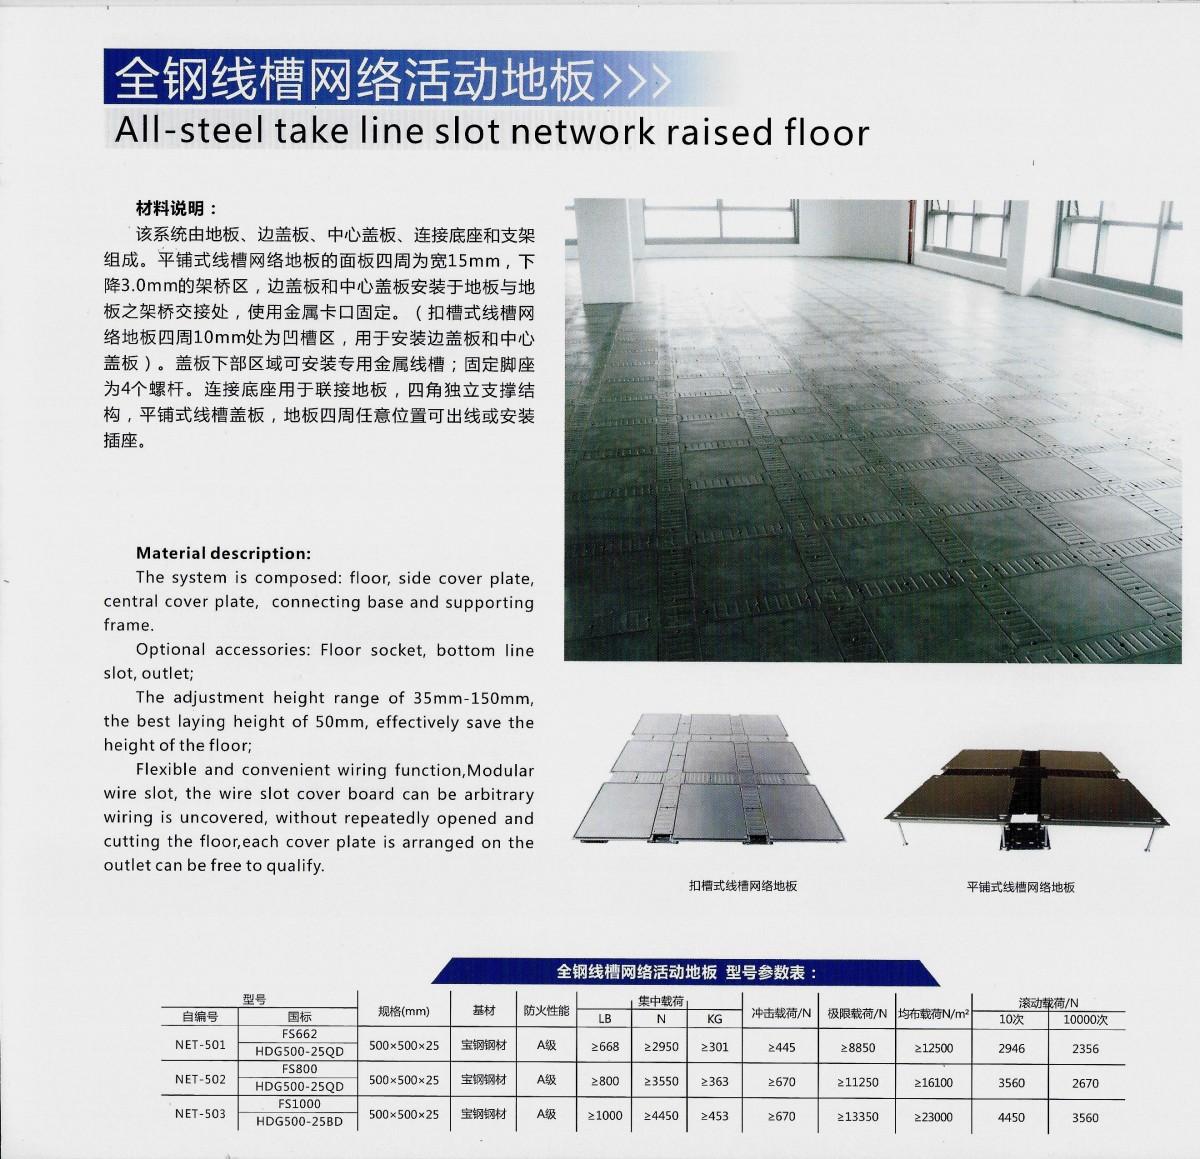 全鋼線槽網絡活動地板 (1)